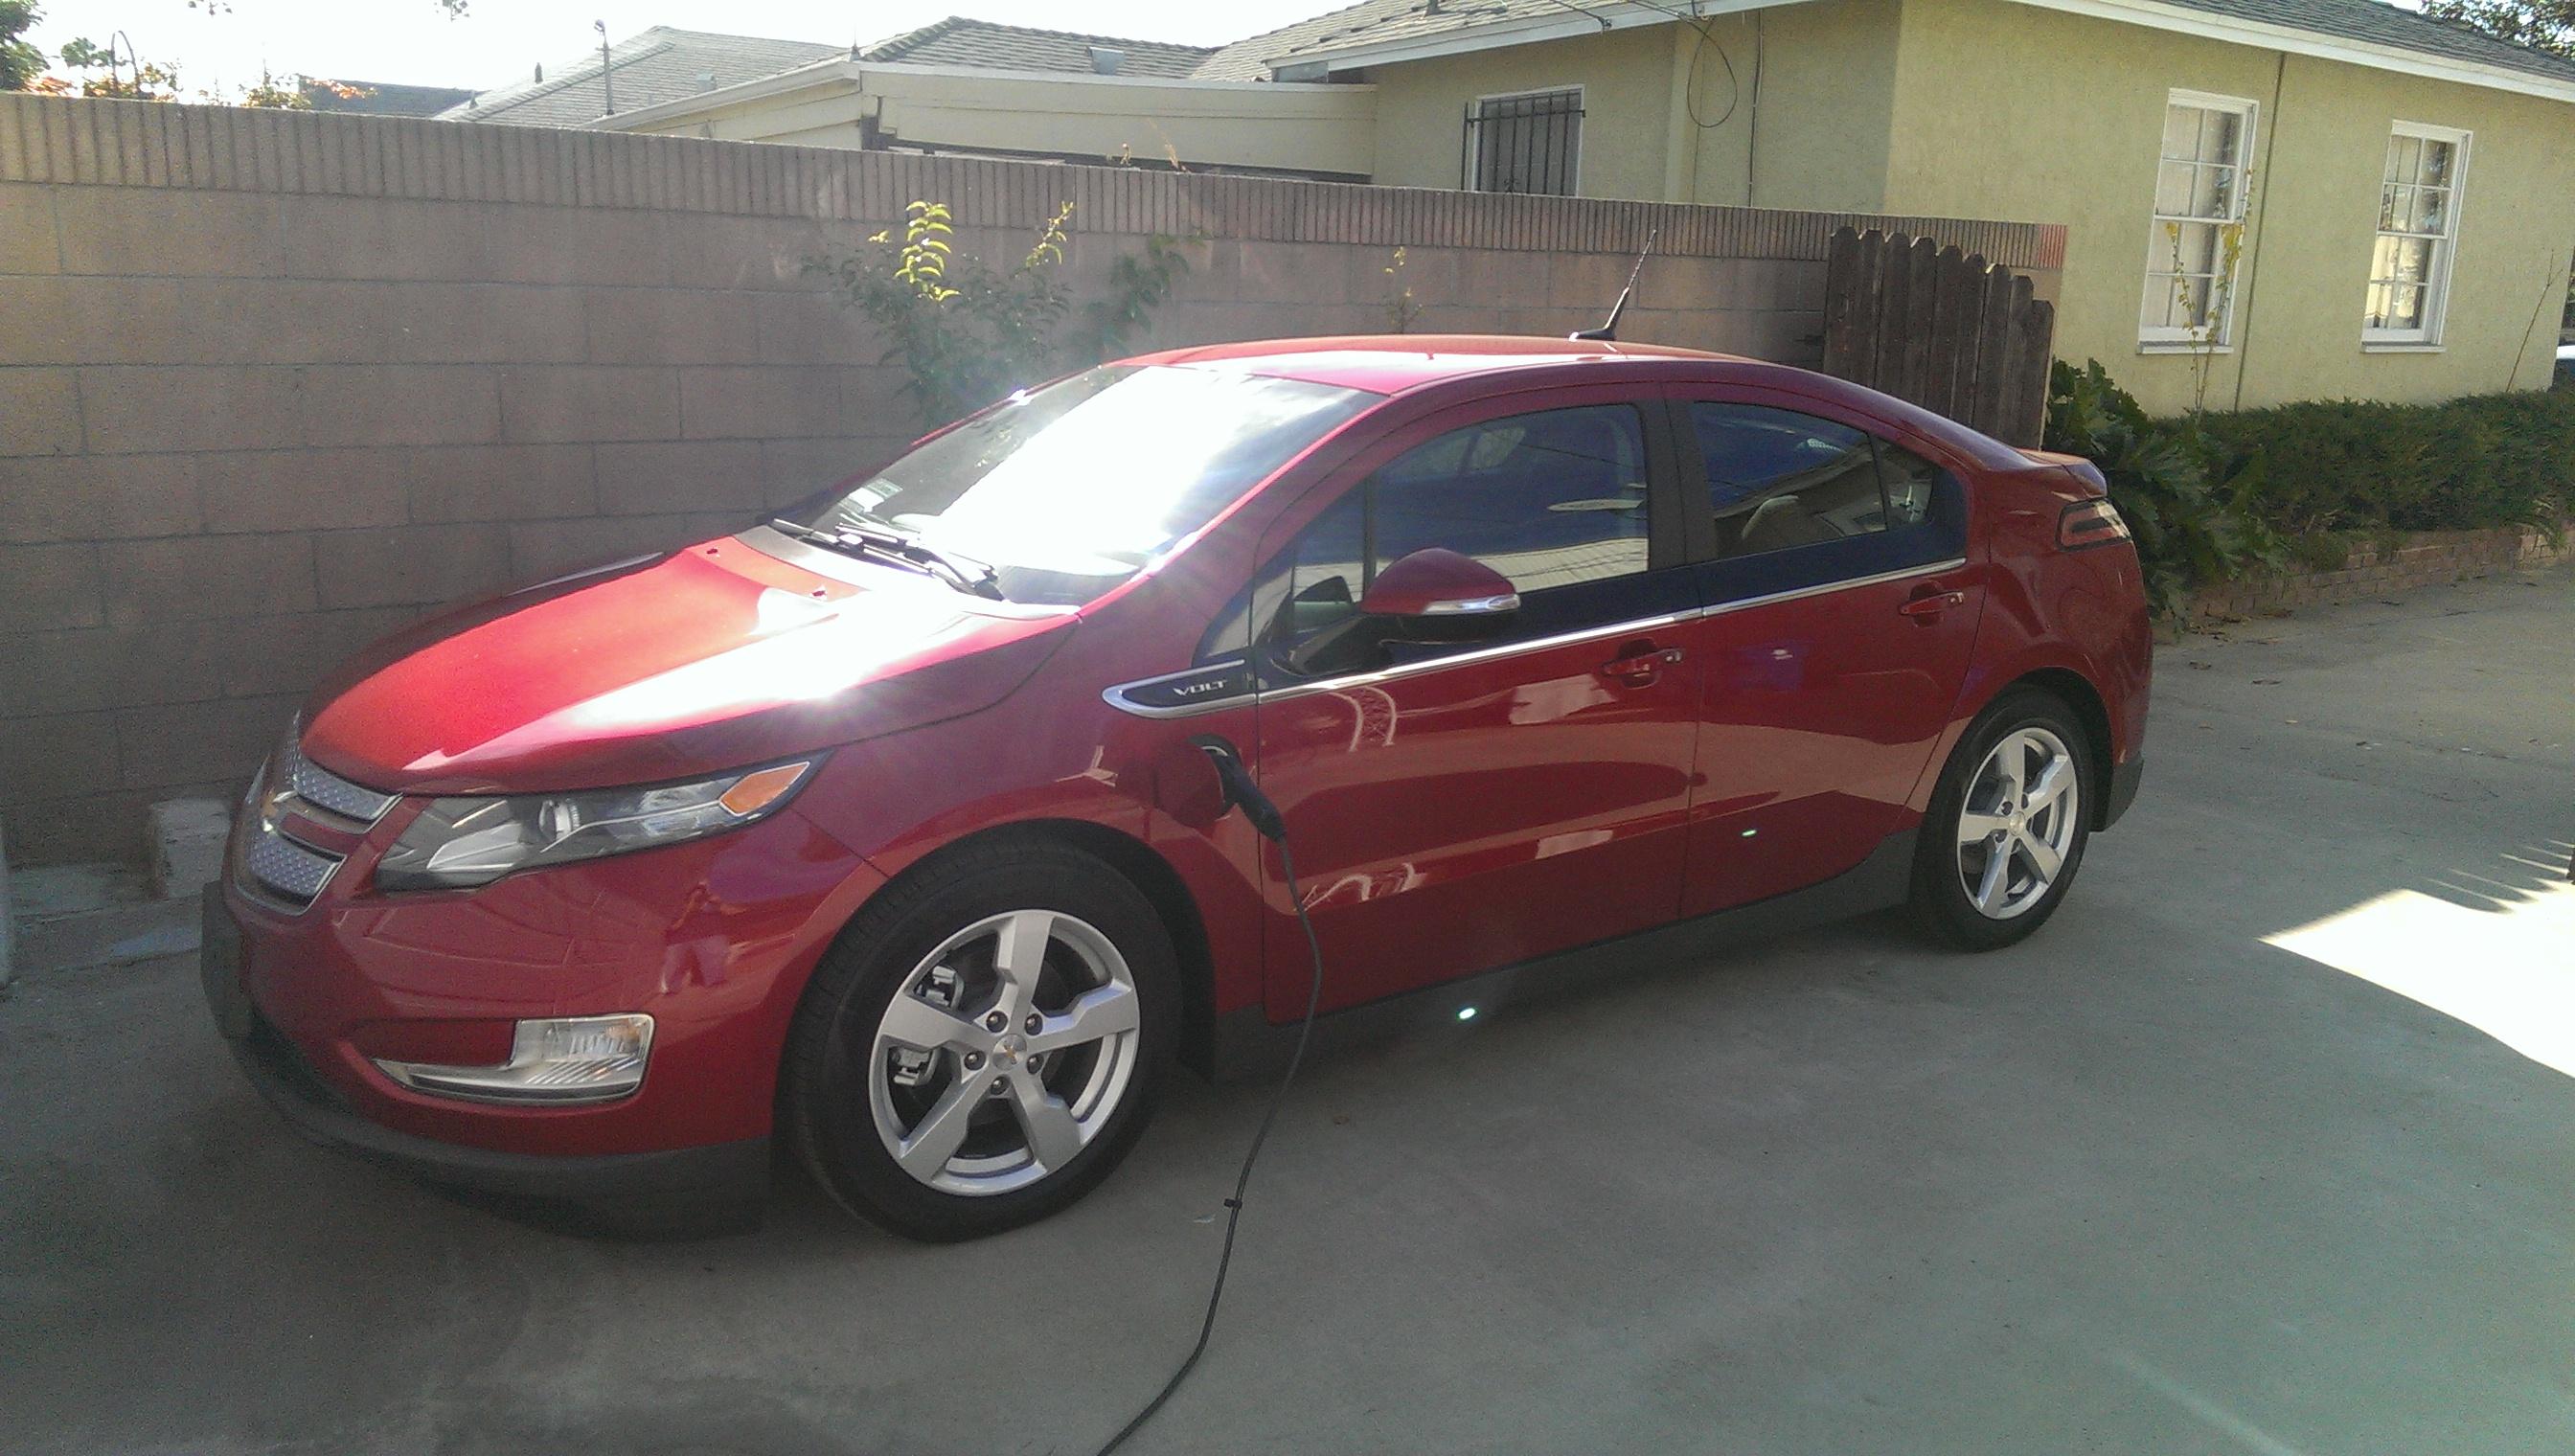 Charging on 120V outlet...12 hrs!!!